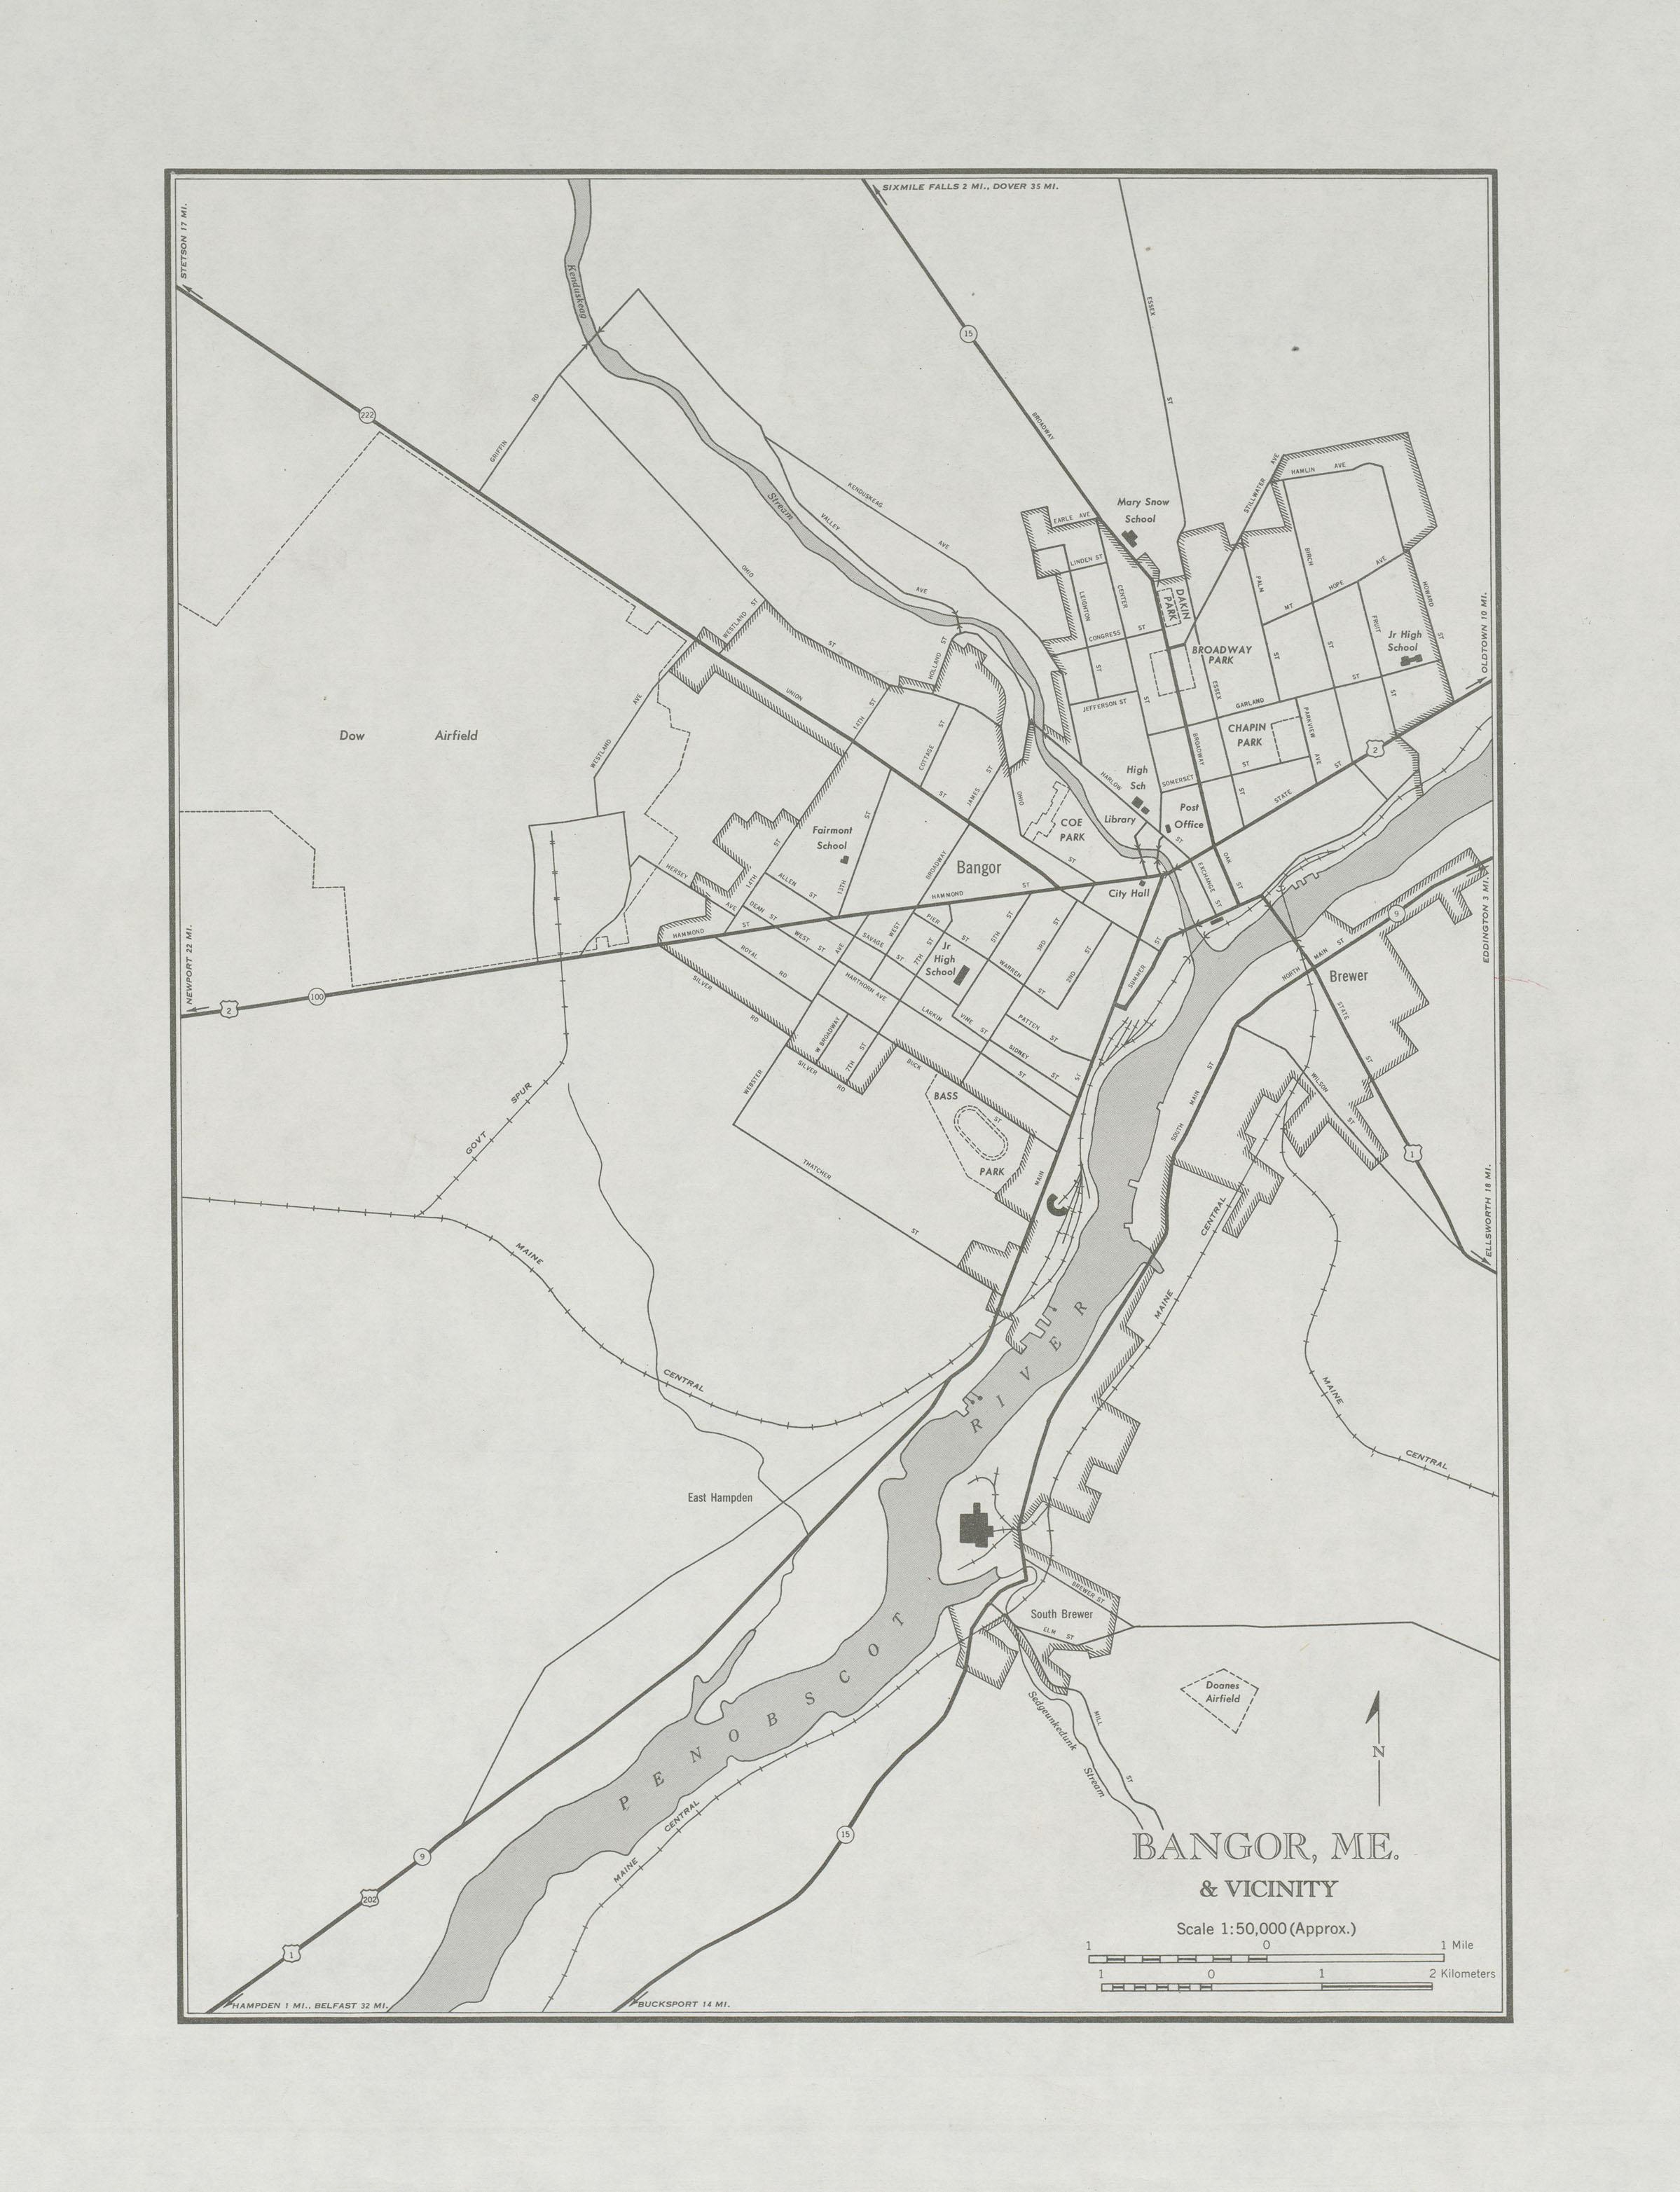 Mapa de la Ciudad de Bangor y Cercanías, Maine, Estados Unidos 1947